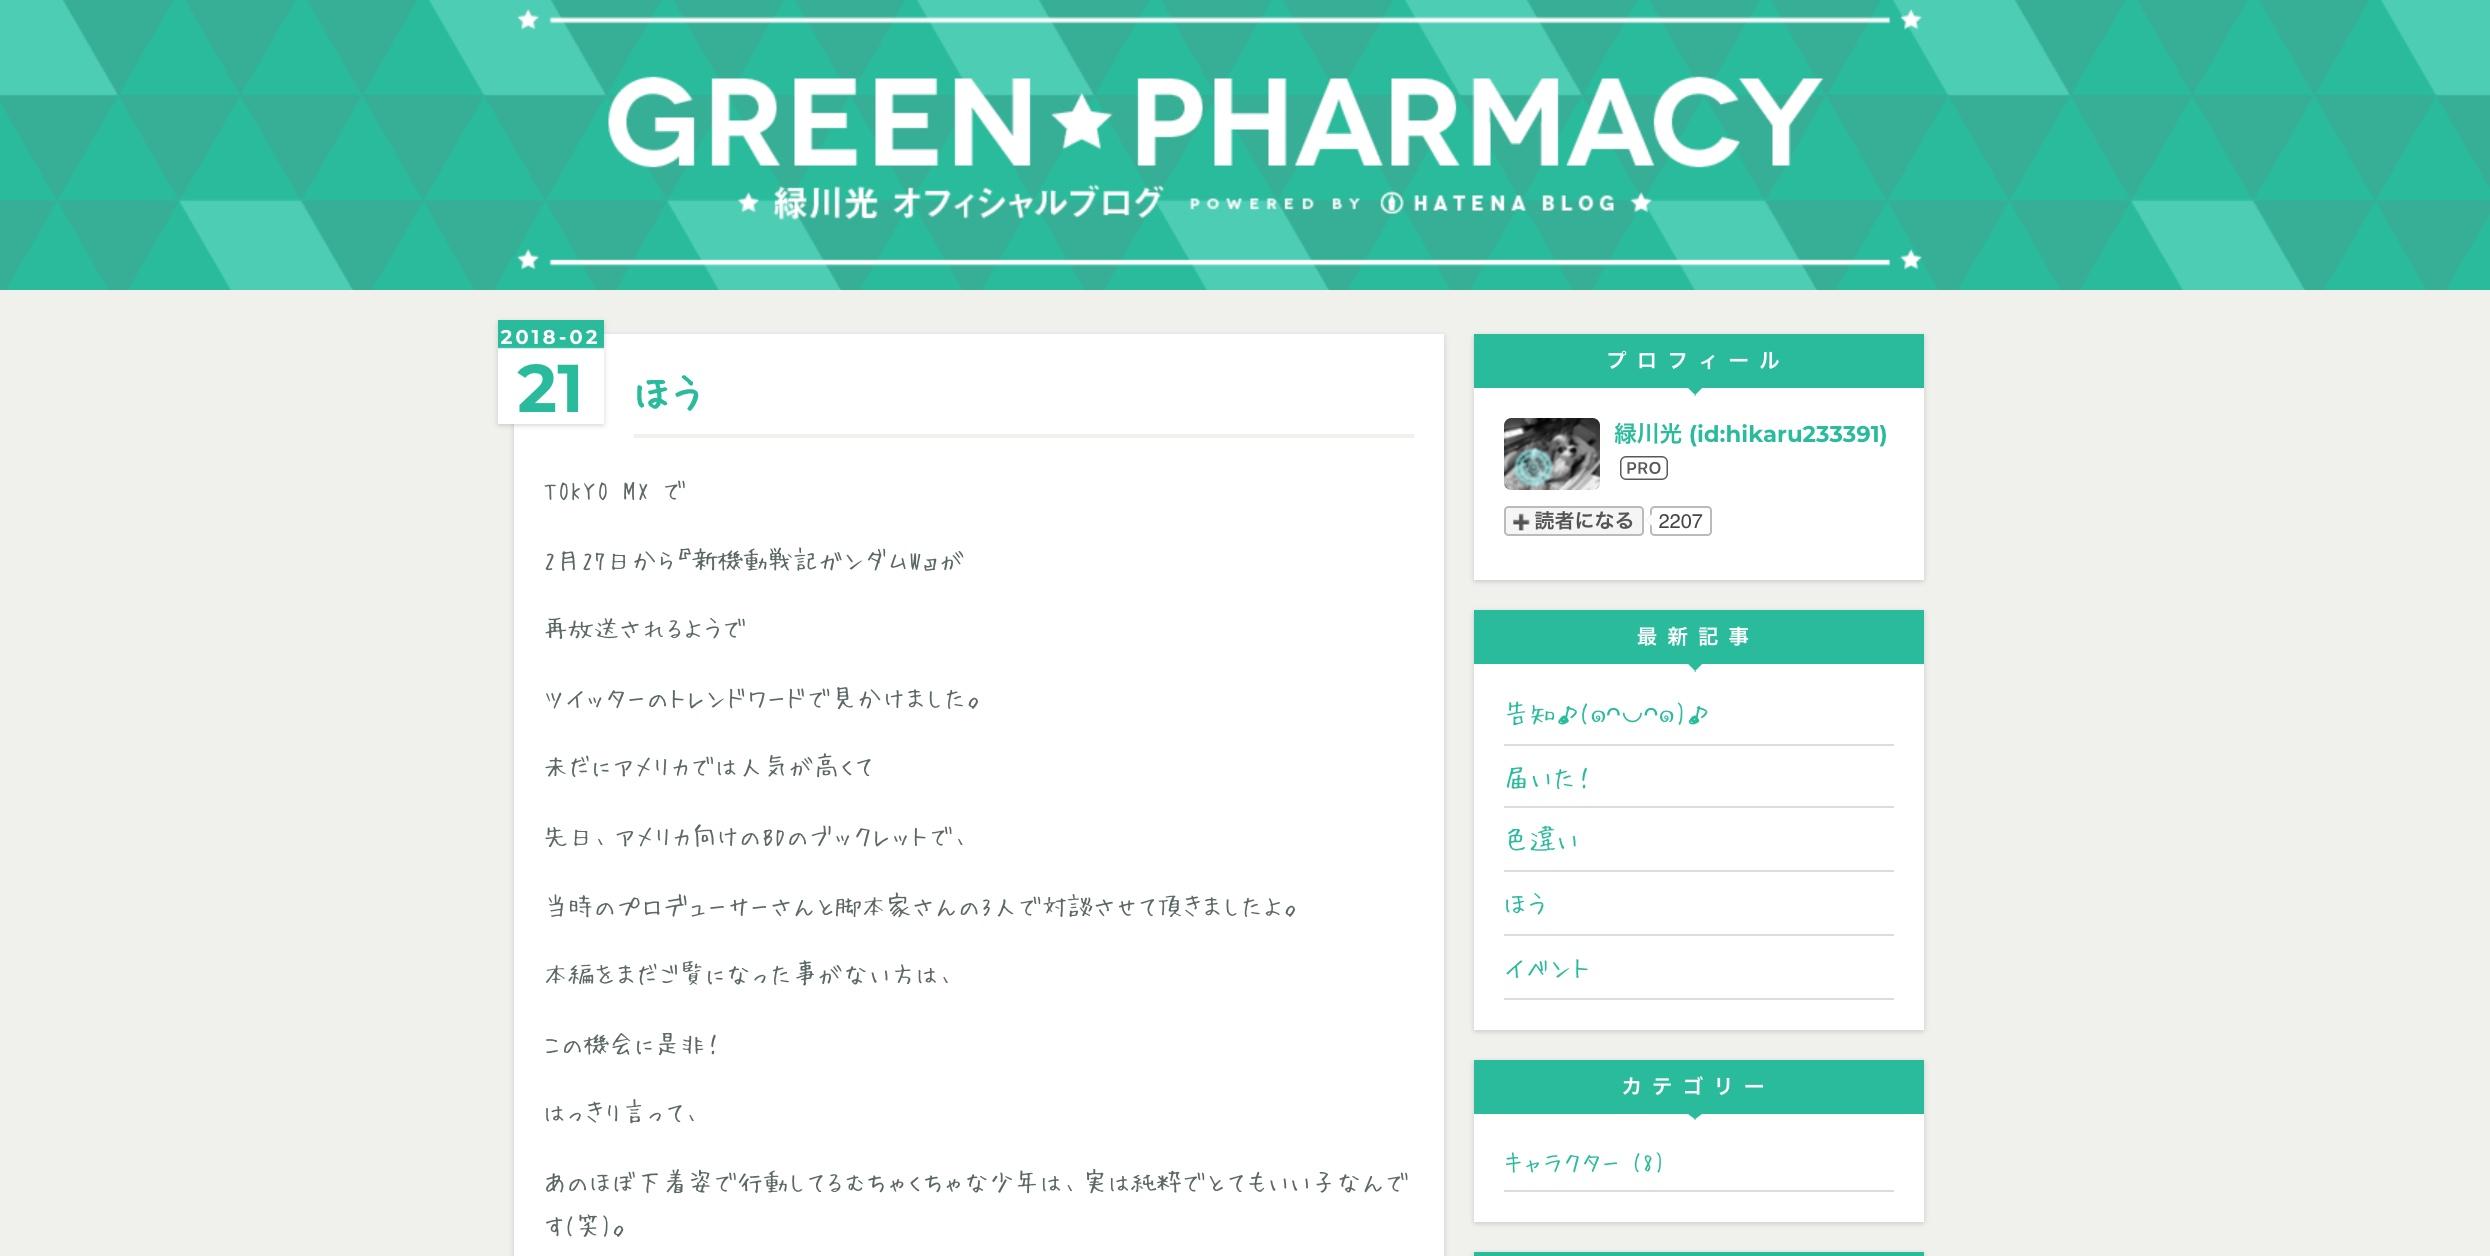 ▲公式ブログ Green★Pharmacyより